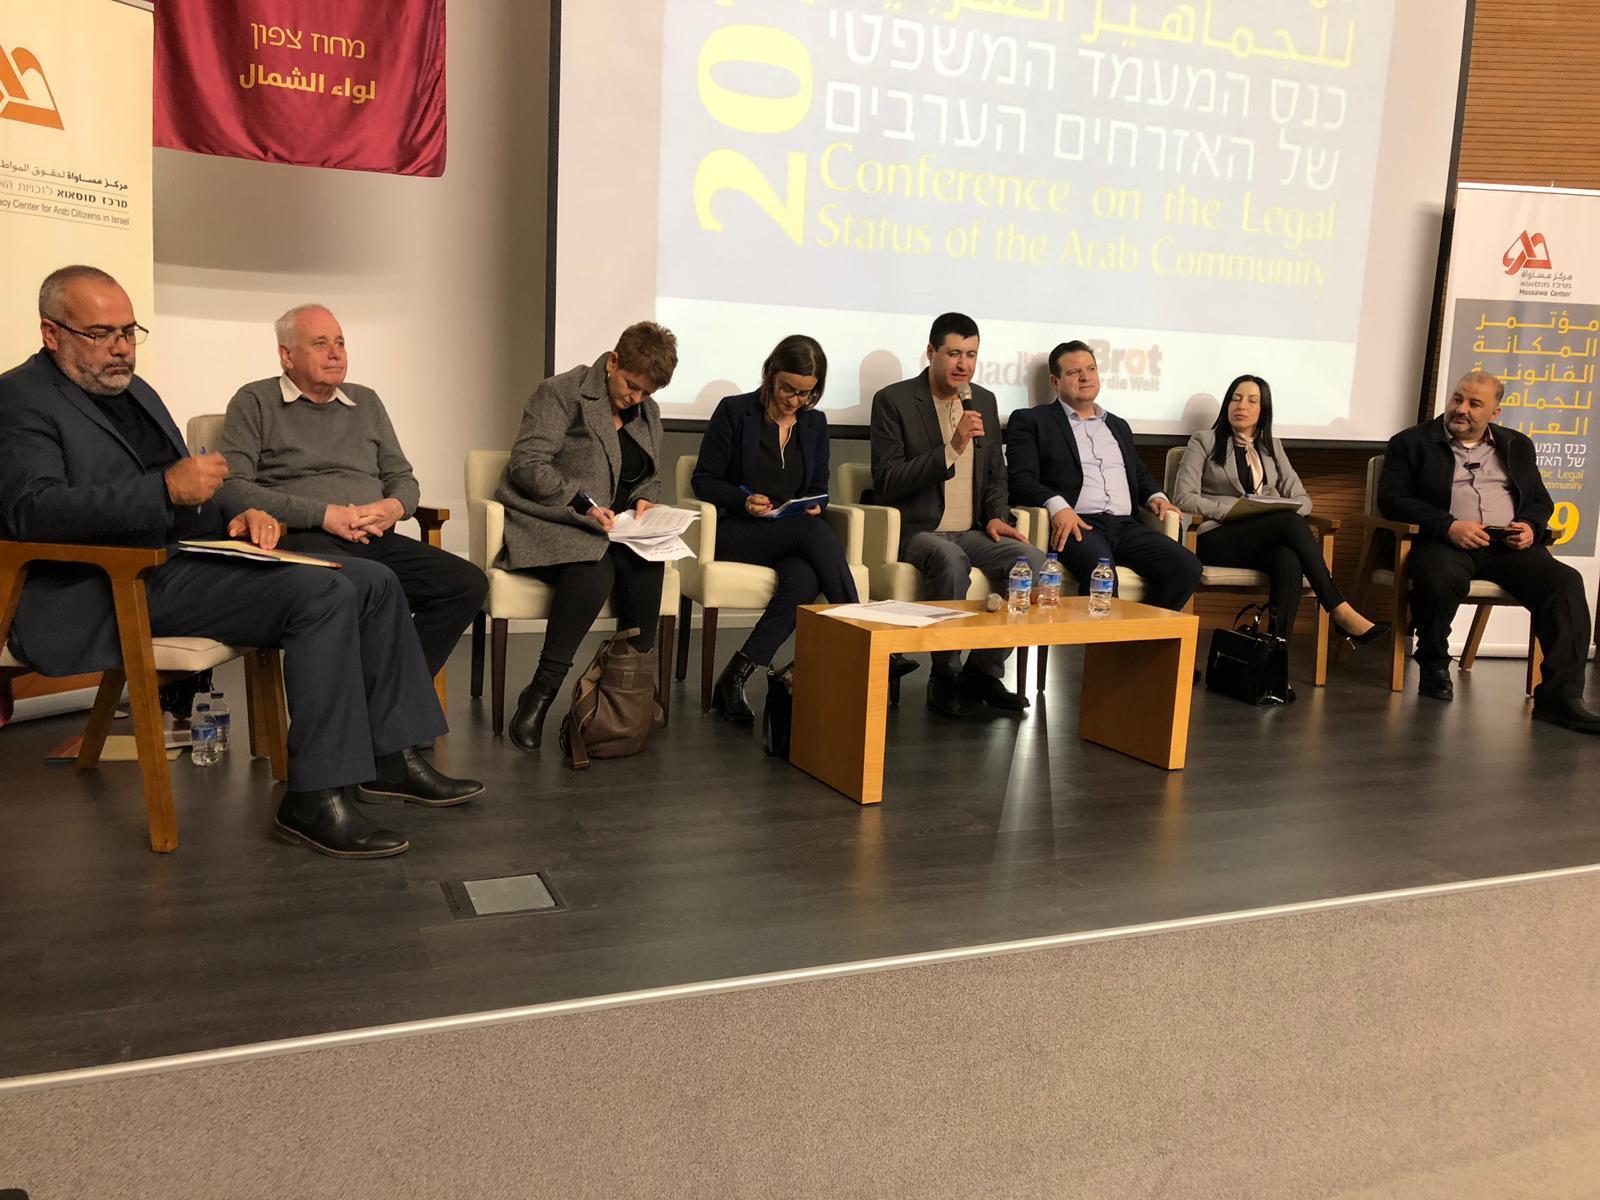 الناصرة: اختتام مؤتمر مكانة الجماهير العربية بمشاركة واسعة